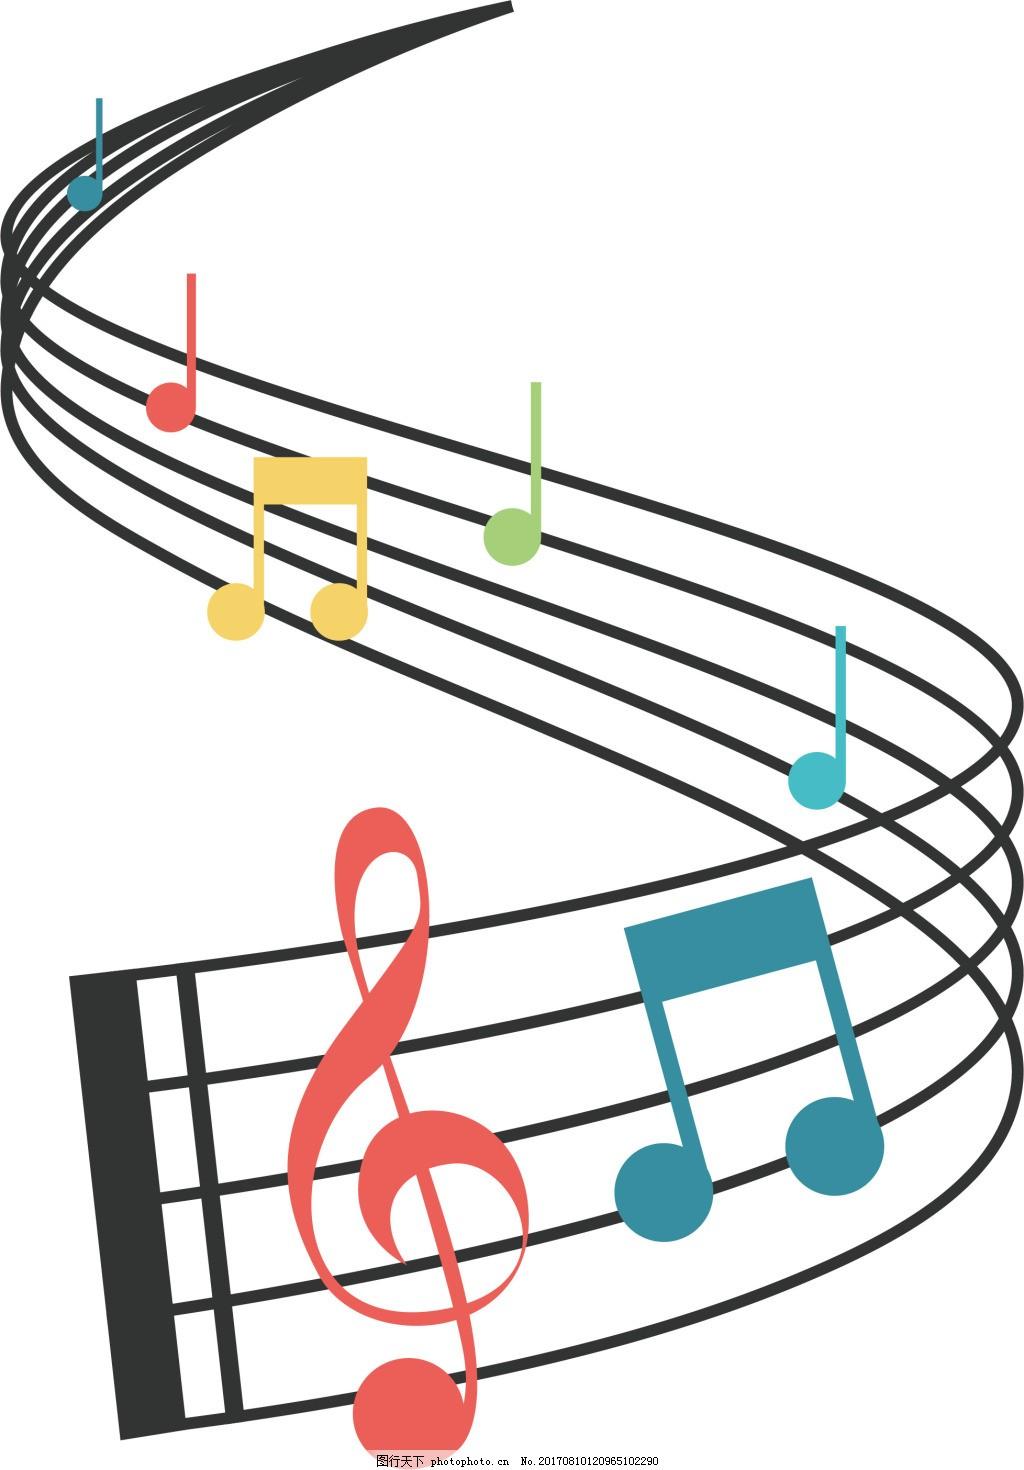 手绘线条音符元素